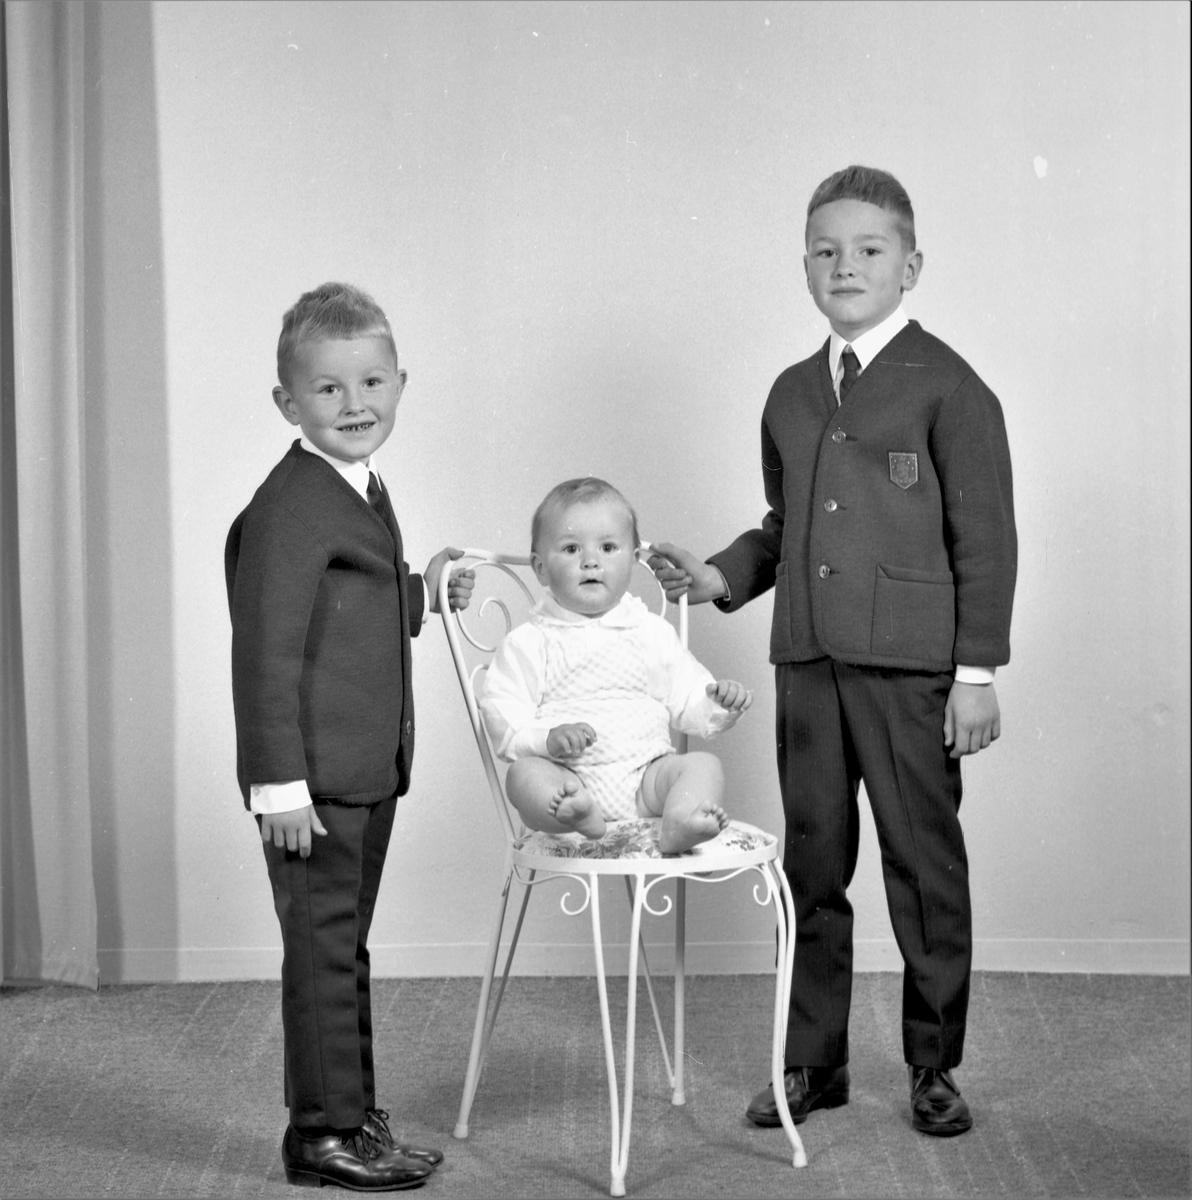 Portrett. Gruppe på tre. Liten lyshåret gutt i lys skjorte